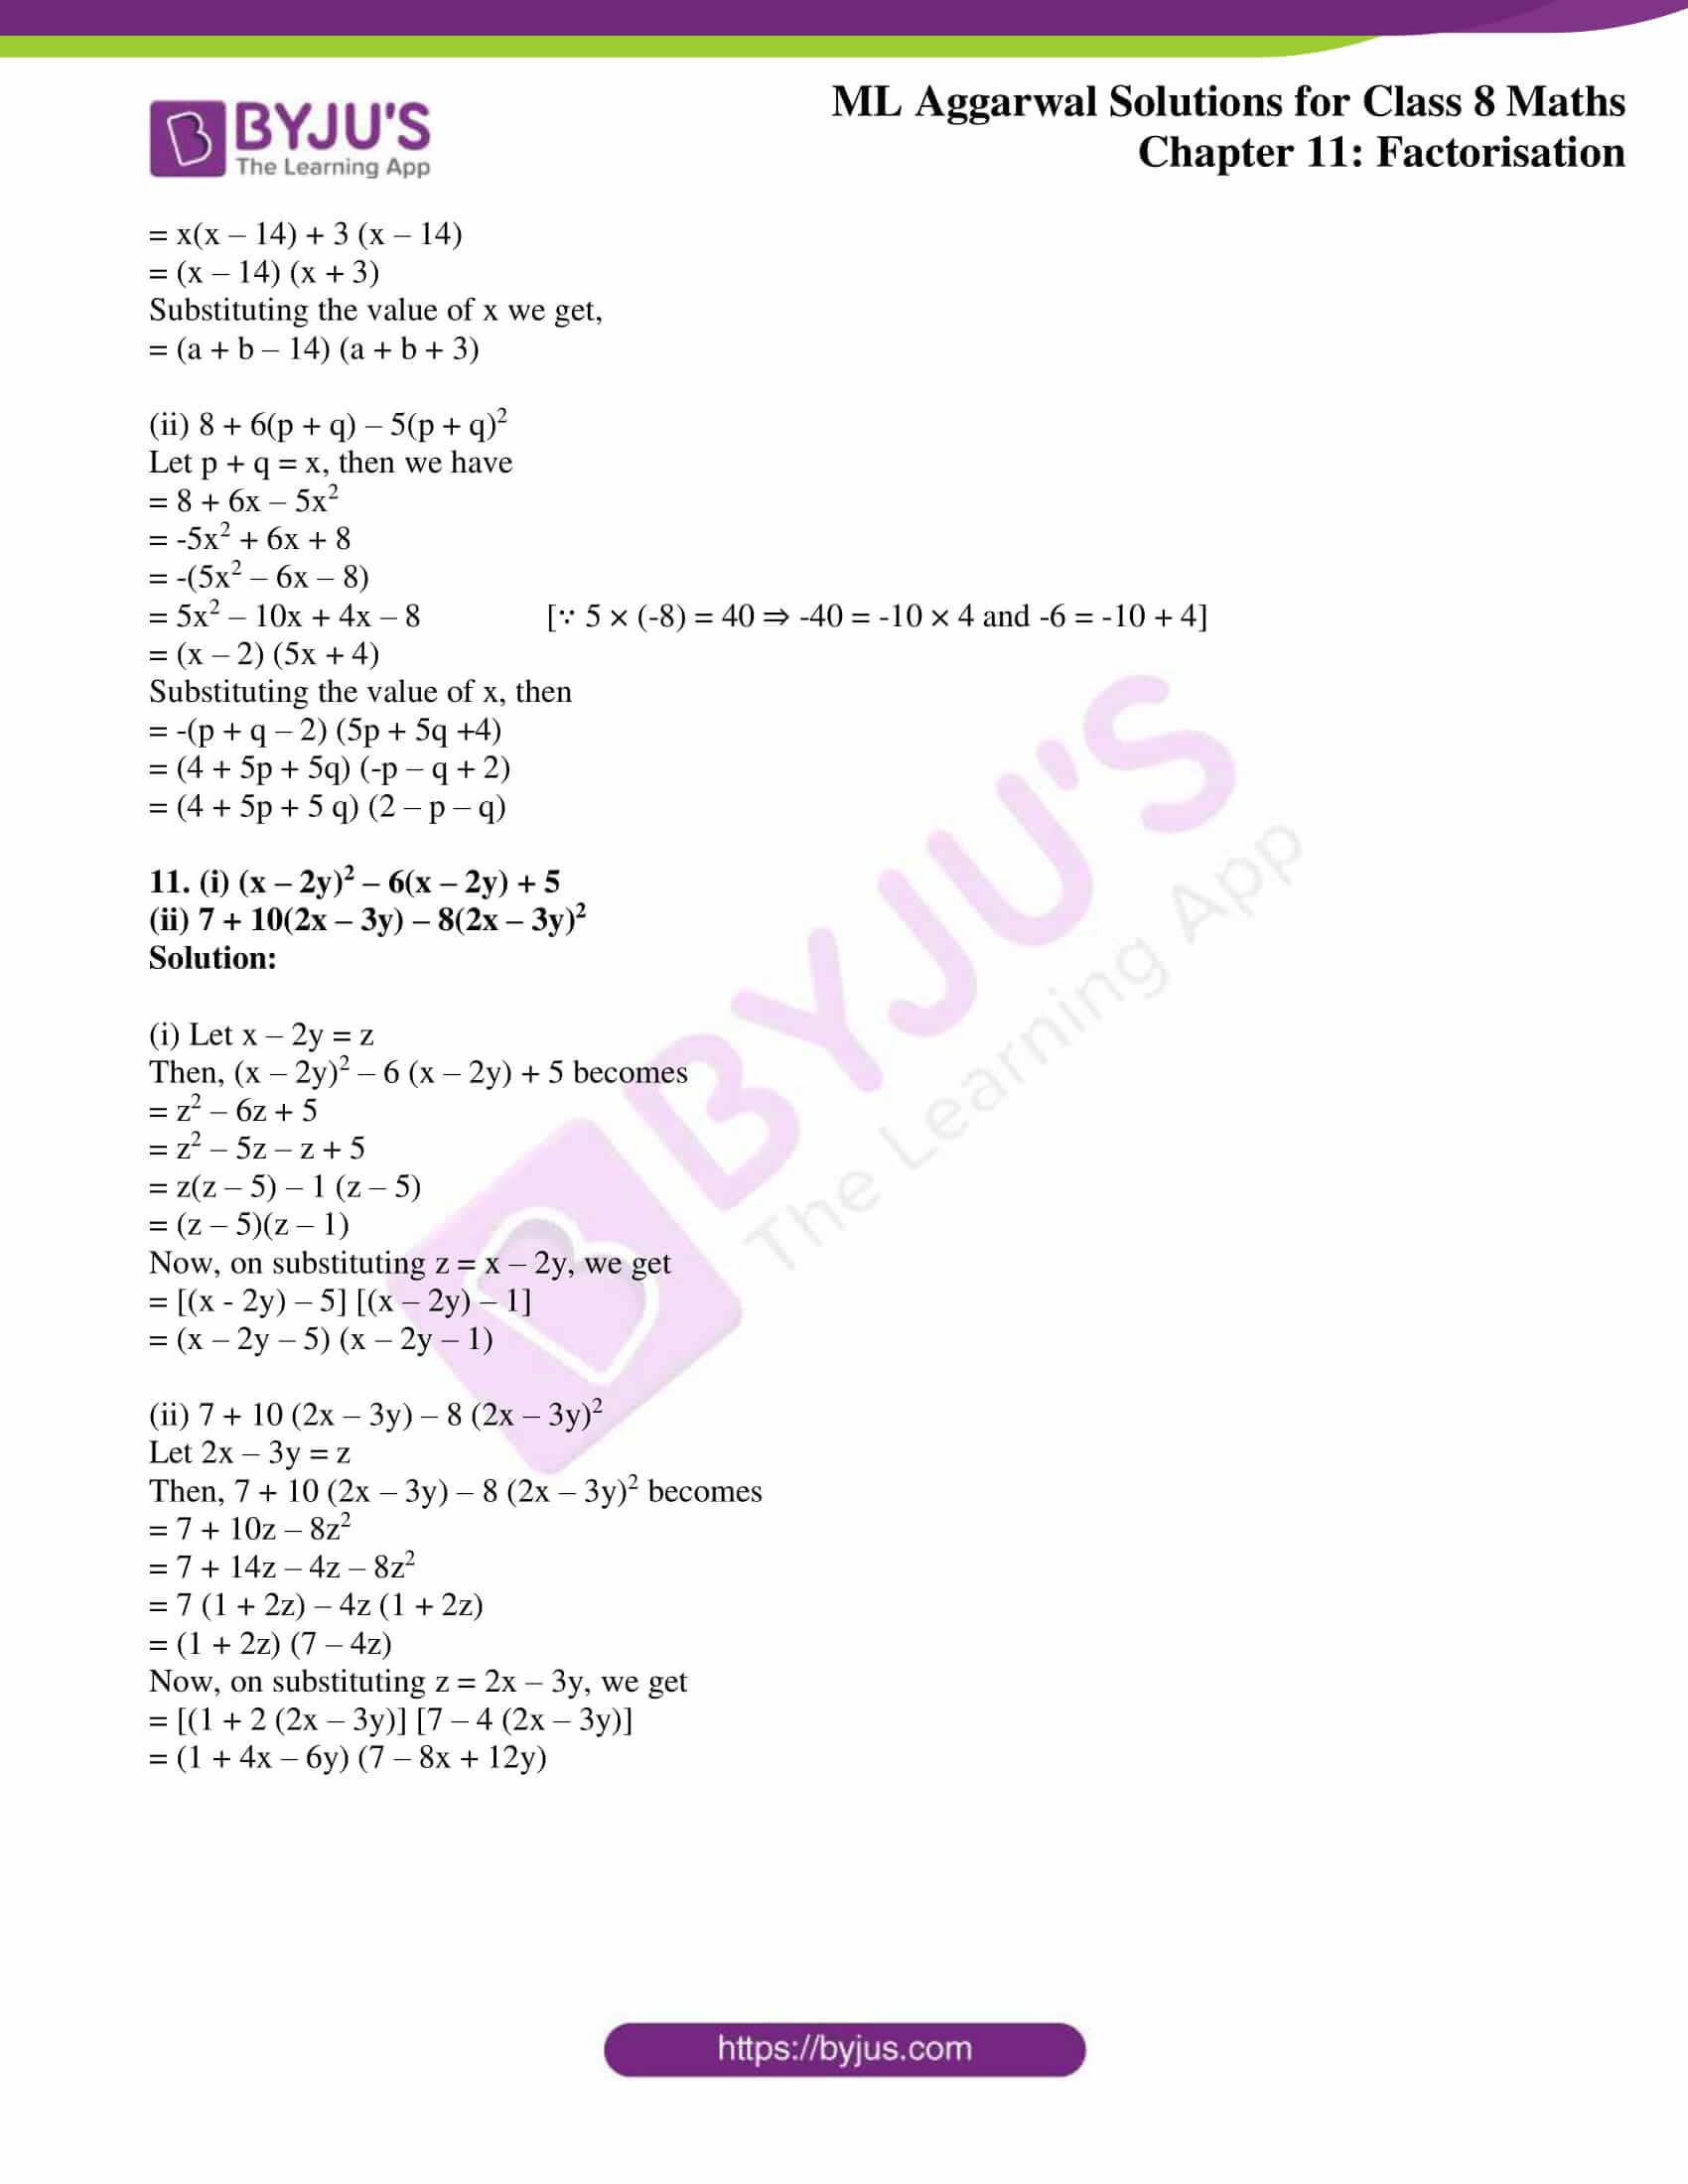 ml aggarwal sol mathematics class 8 ch 11 15